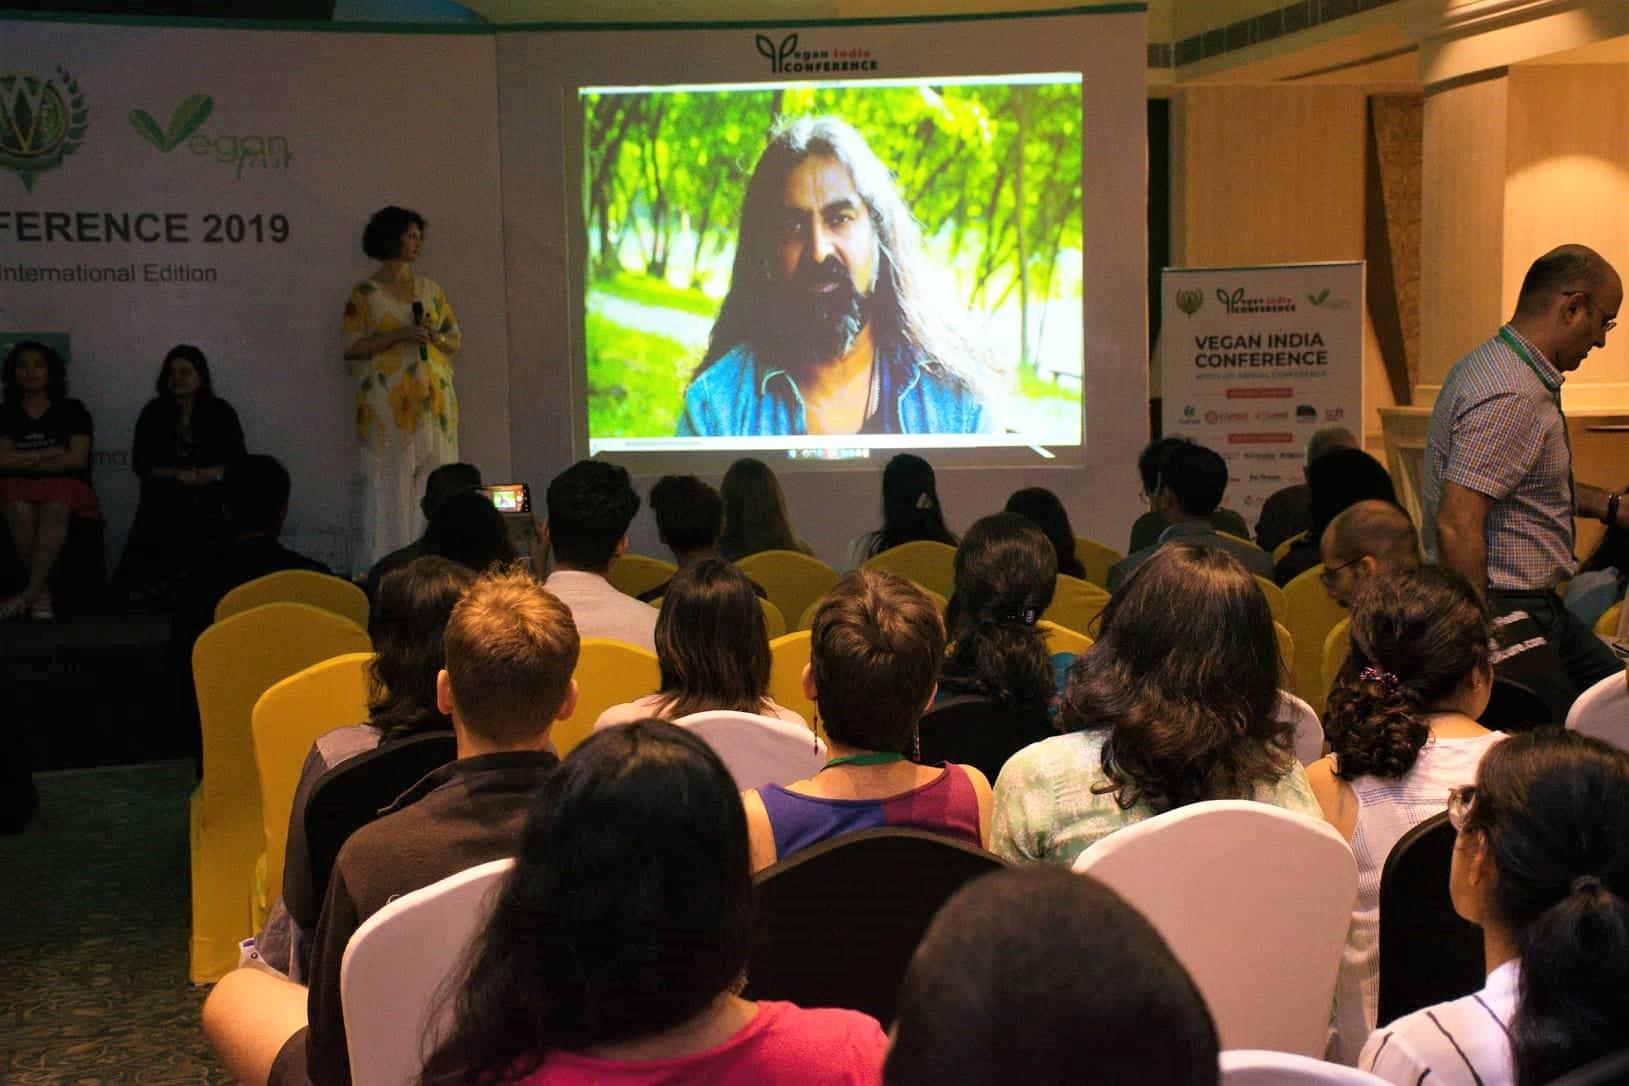 Audience wathcing Mohanji video at VIC.jpg